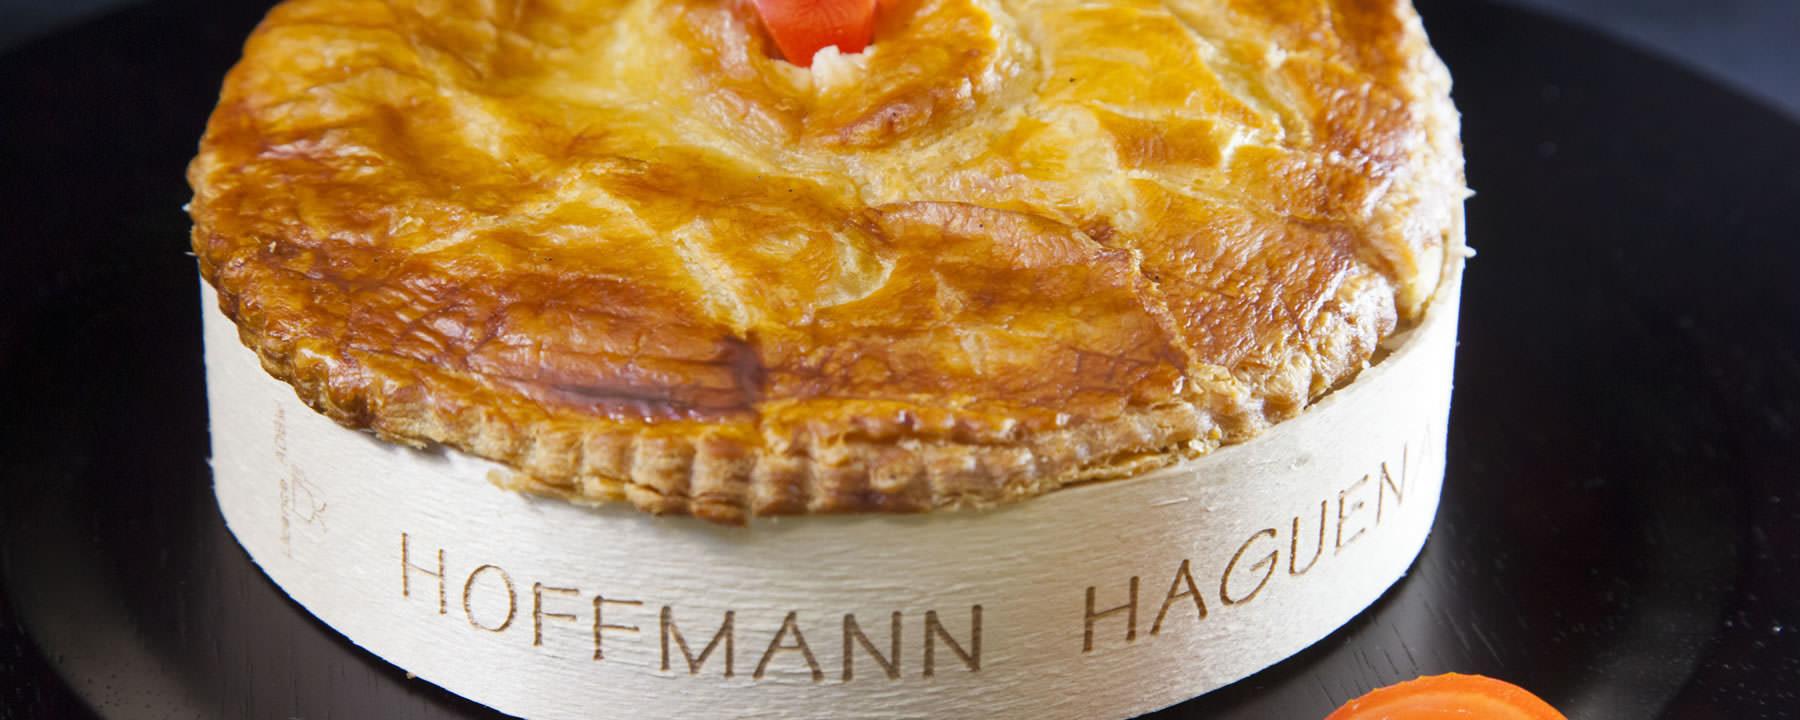 Boucherie Hoffmann